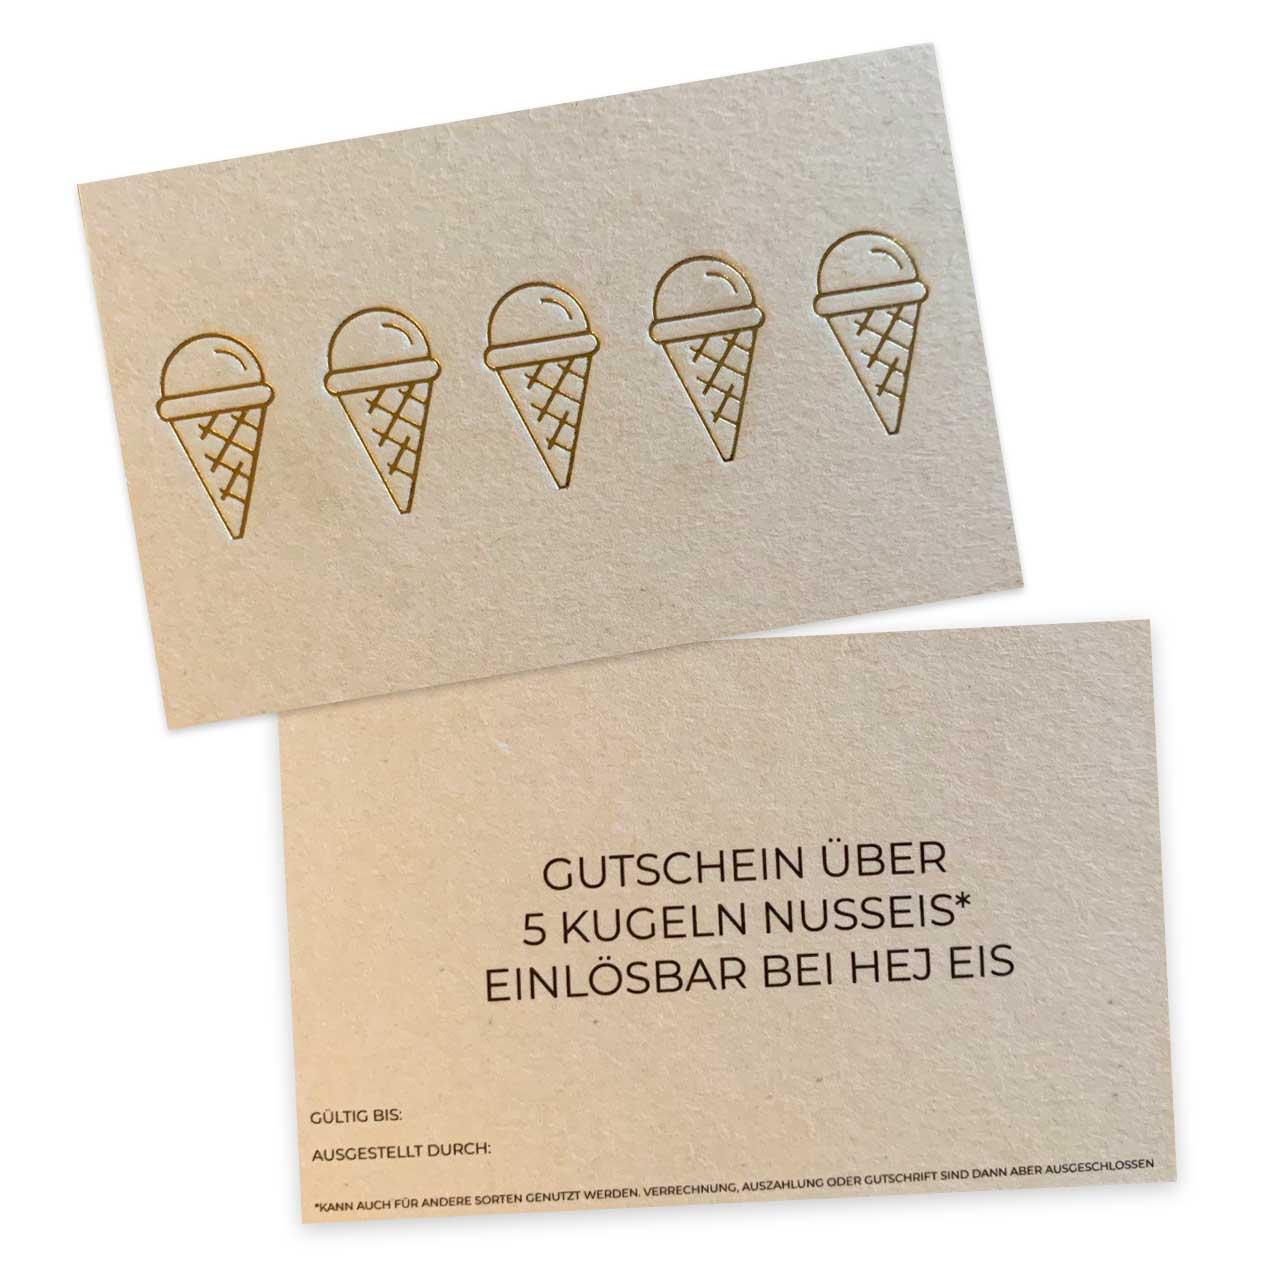 Hej Eis - Gutschein für 5 Kugeln Nuss-Eis